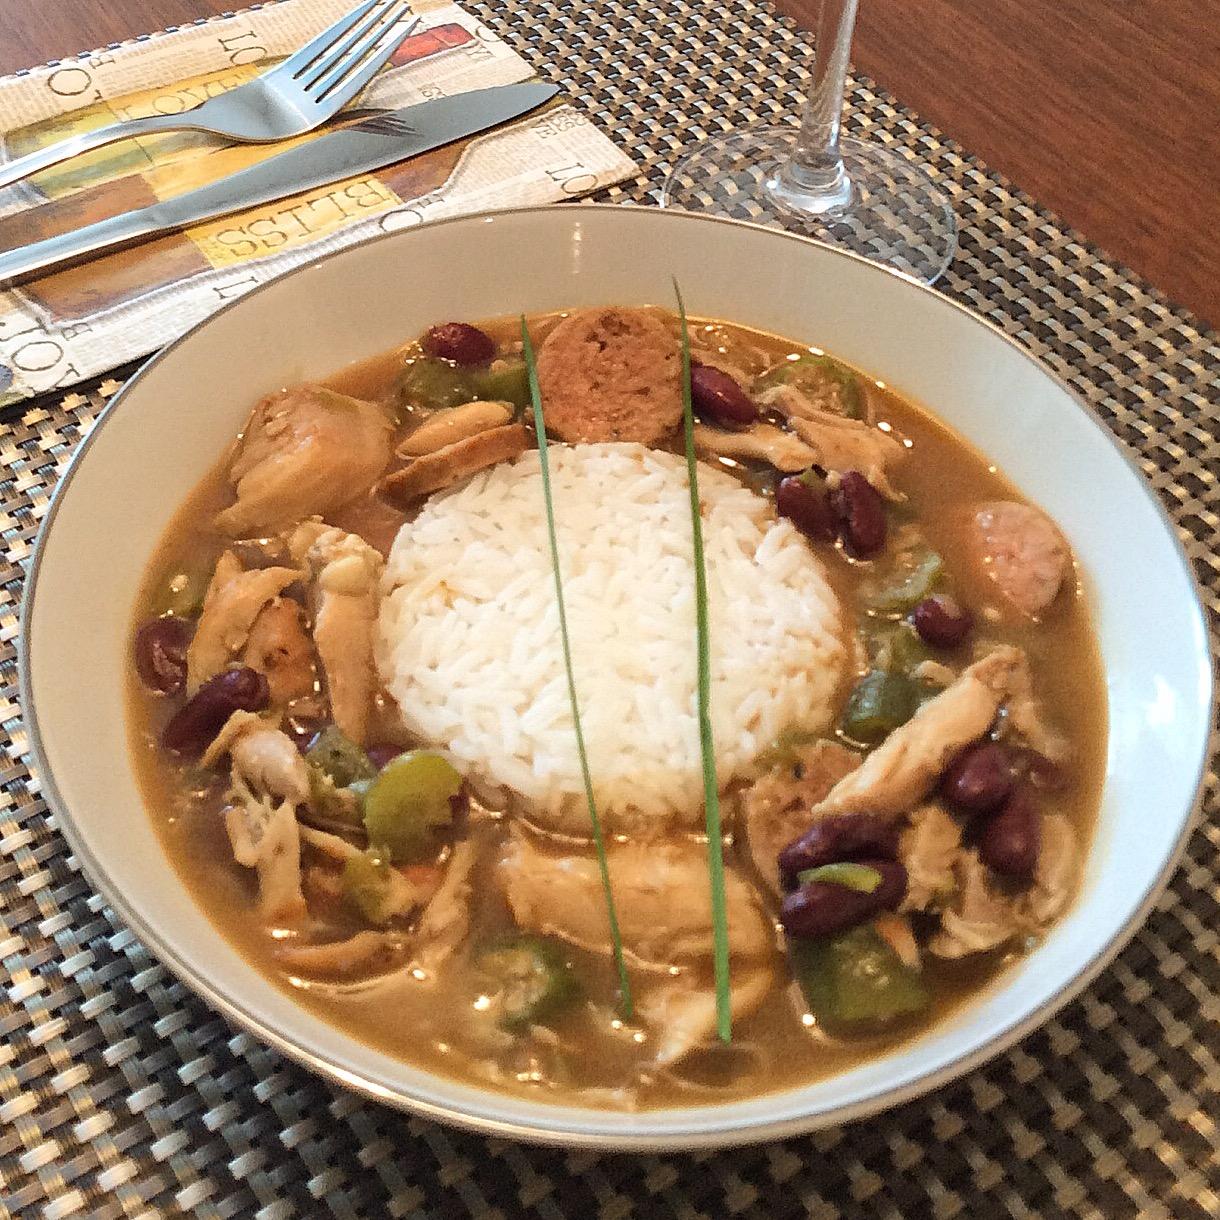 Há várias maneiras de servir o Gumbo. Por cima de quantidade generosa de arroz ou usando-o só pra fazer um charme. Aqui, o ensopado prevalece e o arroz está em quantidade suficiente pra complementar. Mas não absorve o molho todo.